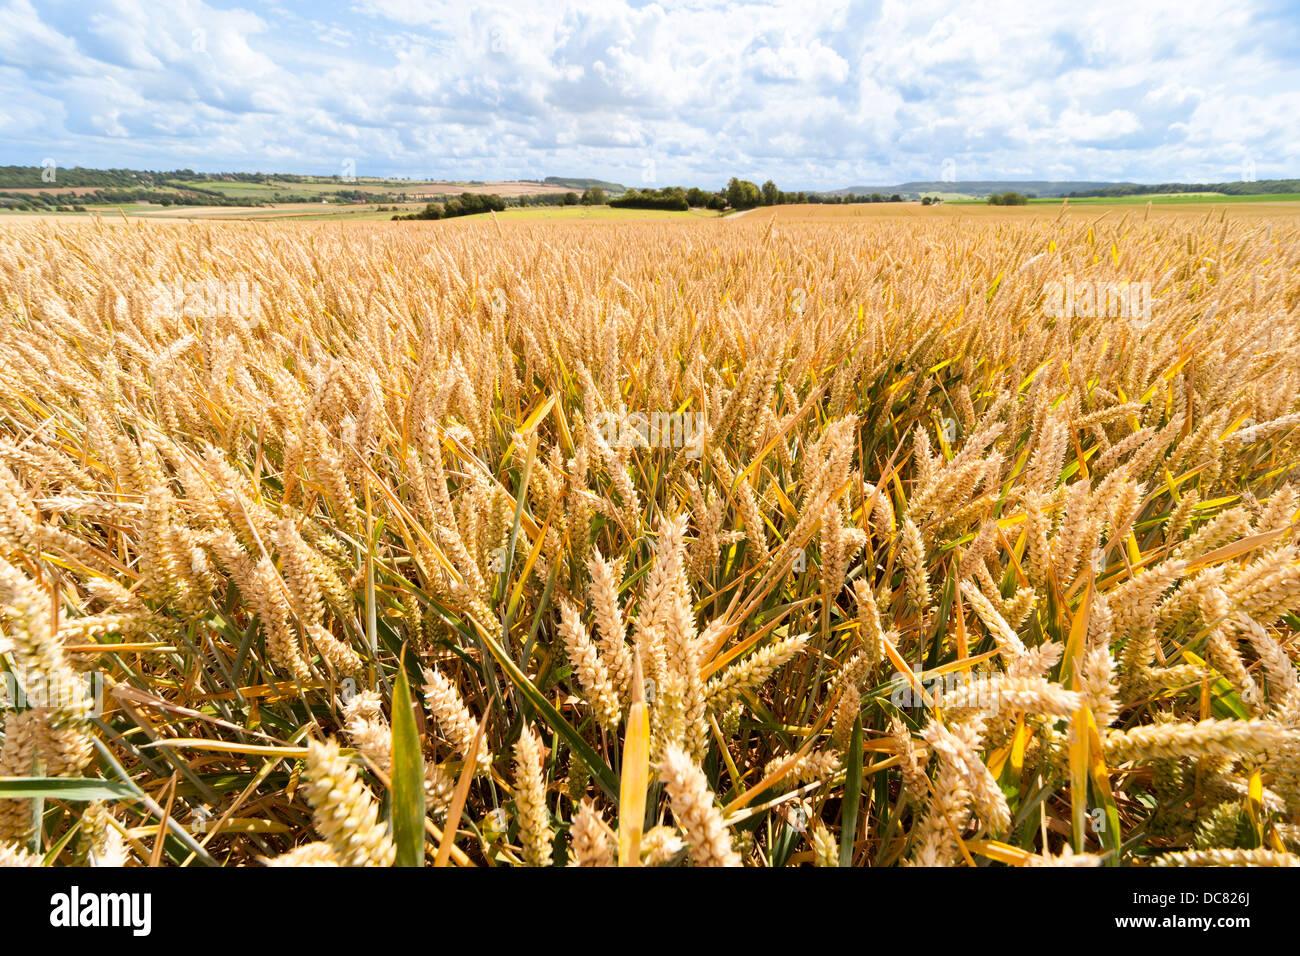 Ears of wheat, grain, in wheat field, fields, wheatfield, wheatfields in summer. Landscape landscapes - Stock Image